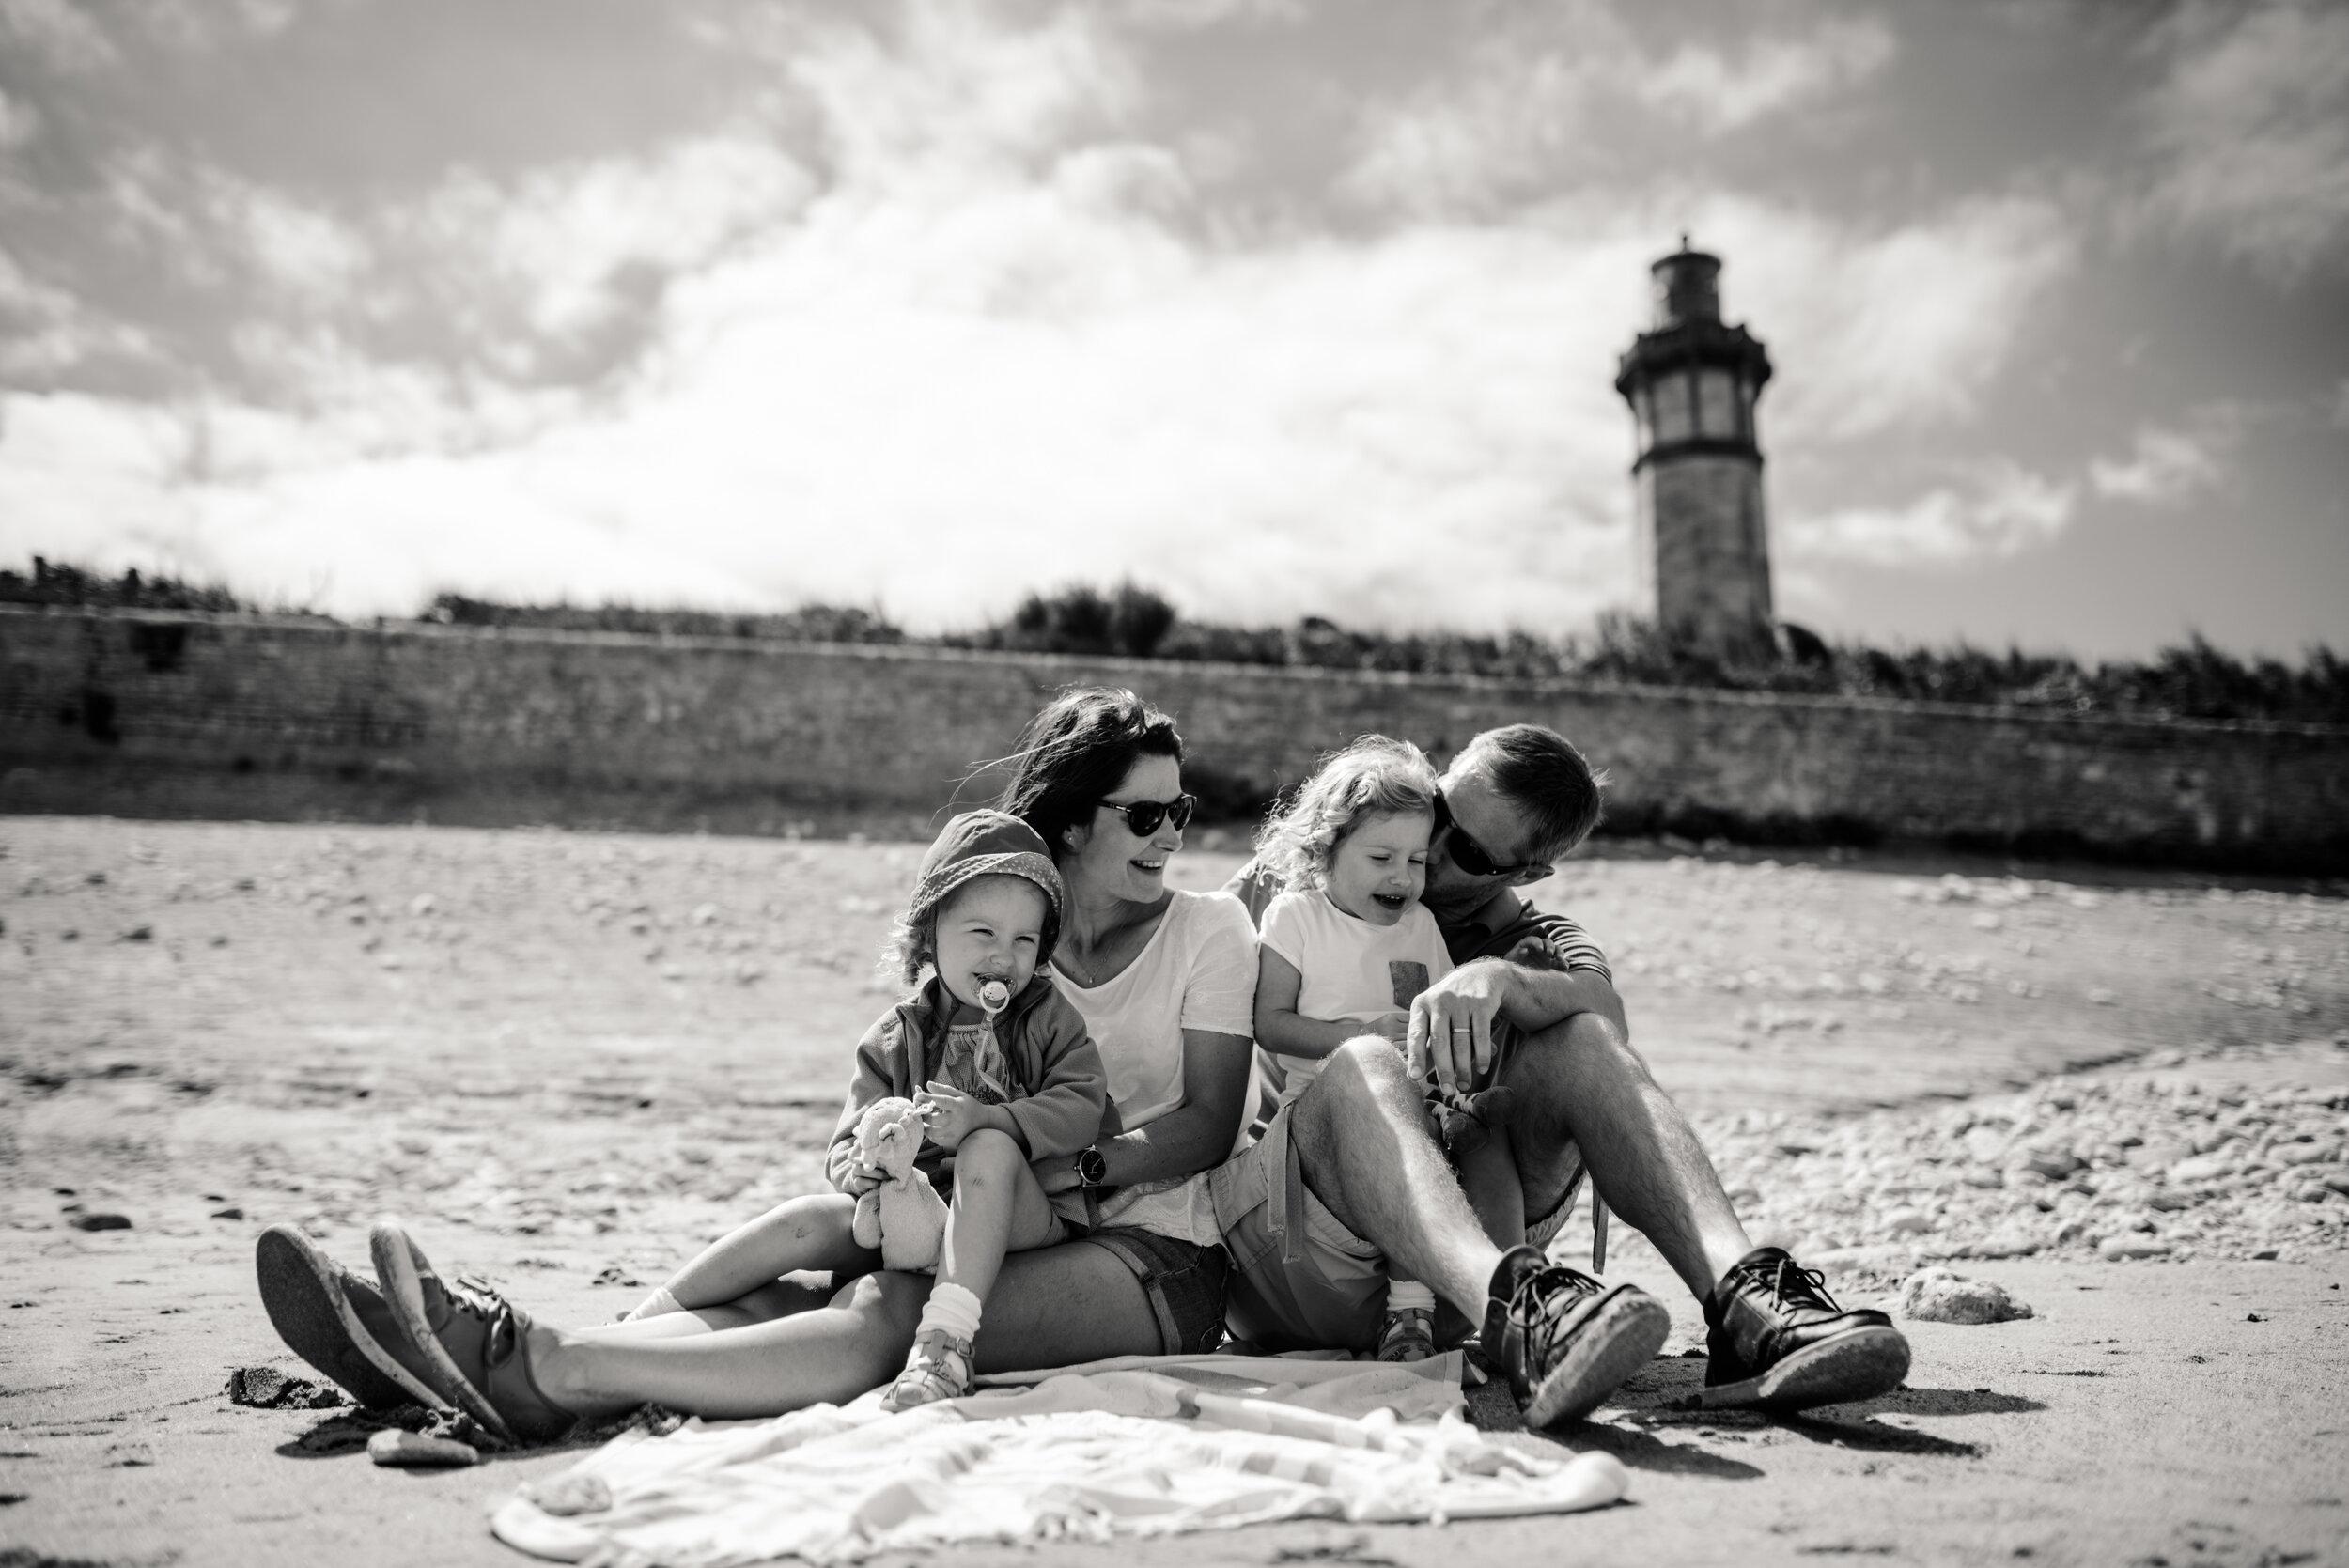 Léa-Fery-photographe-professionnel-lyon-rhone-alpes-portrait-creation-mariage-evenement-evenementiel-famille-2844.jpg